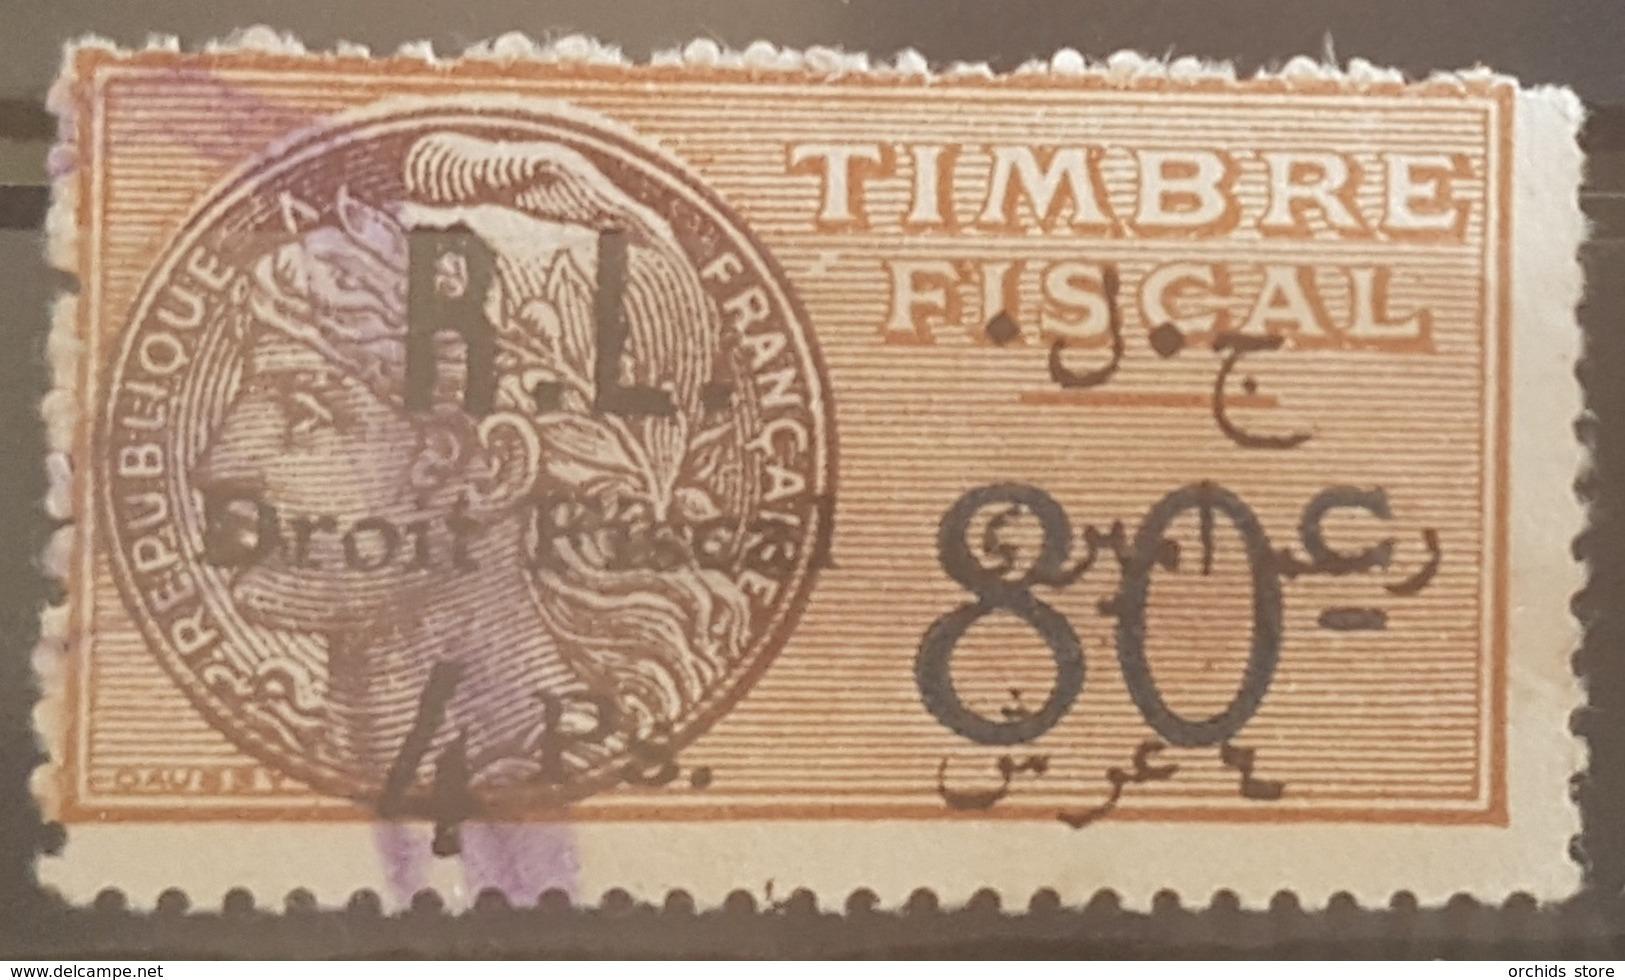 NO11 #31 - Lebanon 1927 4 Ps On 80c Bistre Fiscal Revenue Stamp, R & L Are Close - Lebanon